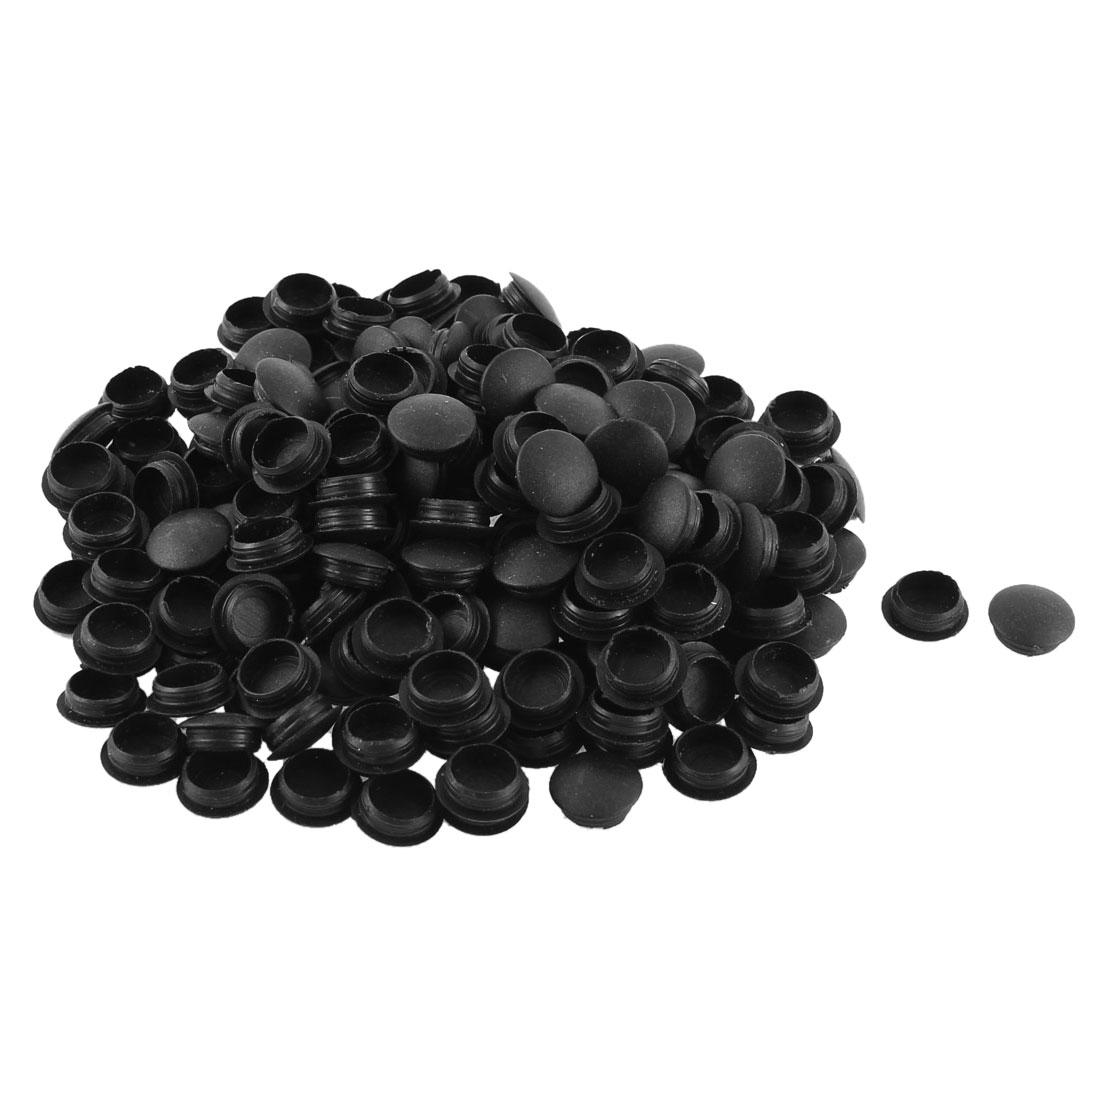 Wardrobe Table Desk Decor Locking Hole Caps Covers Tube Insert Black 200pcs